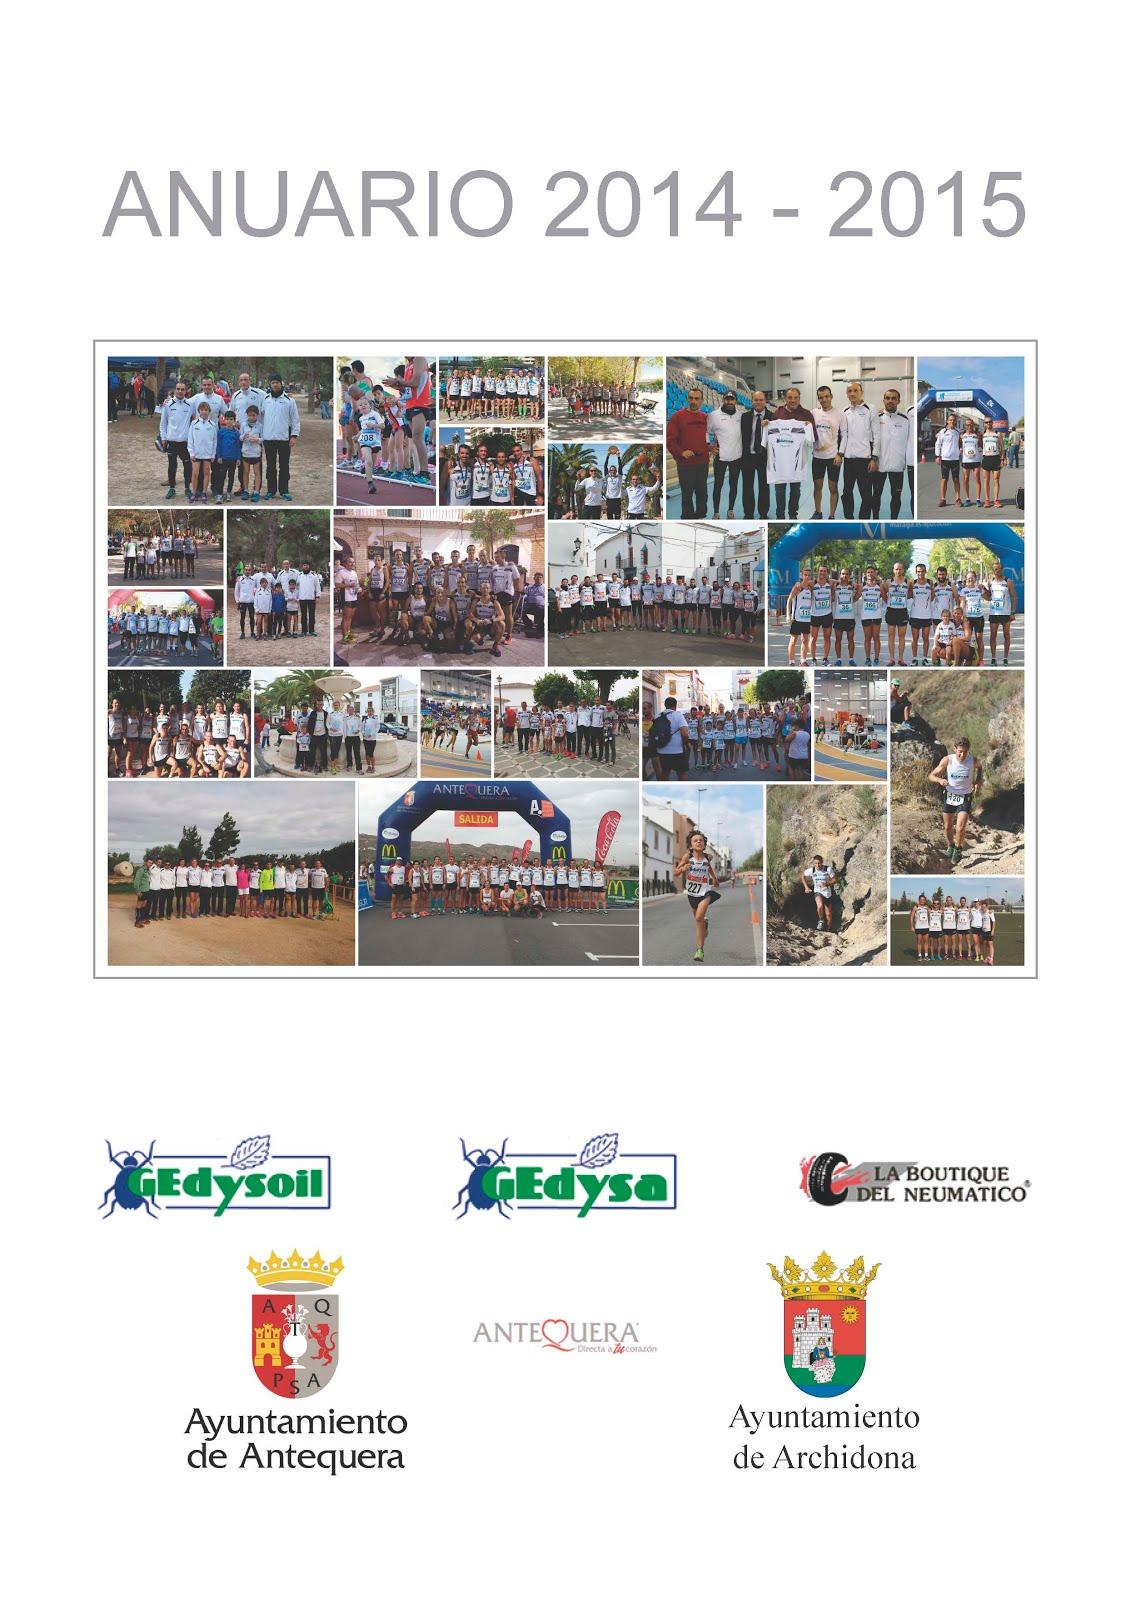 Anuario 2014 - 2015